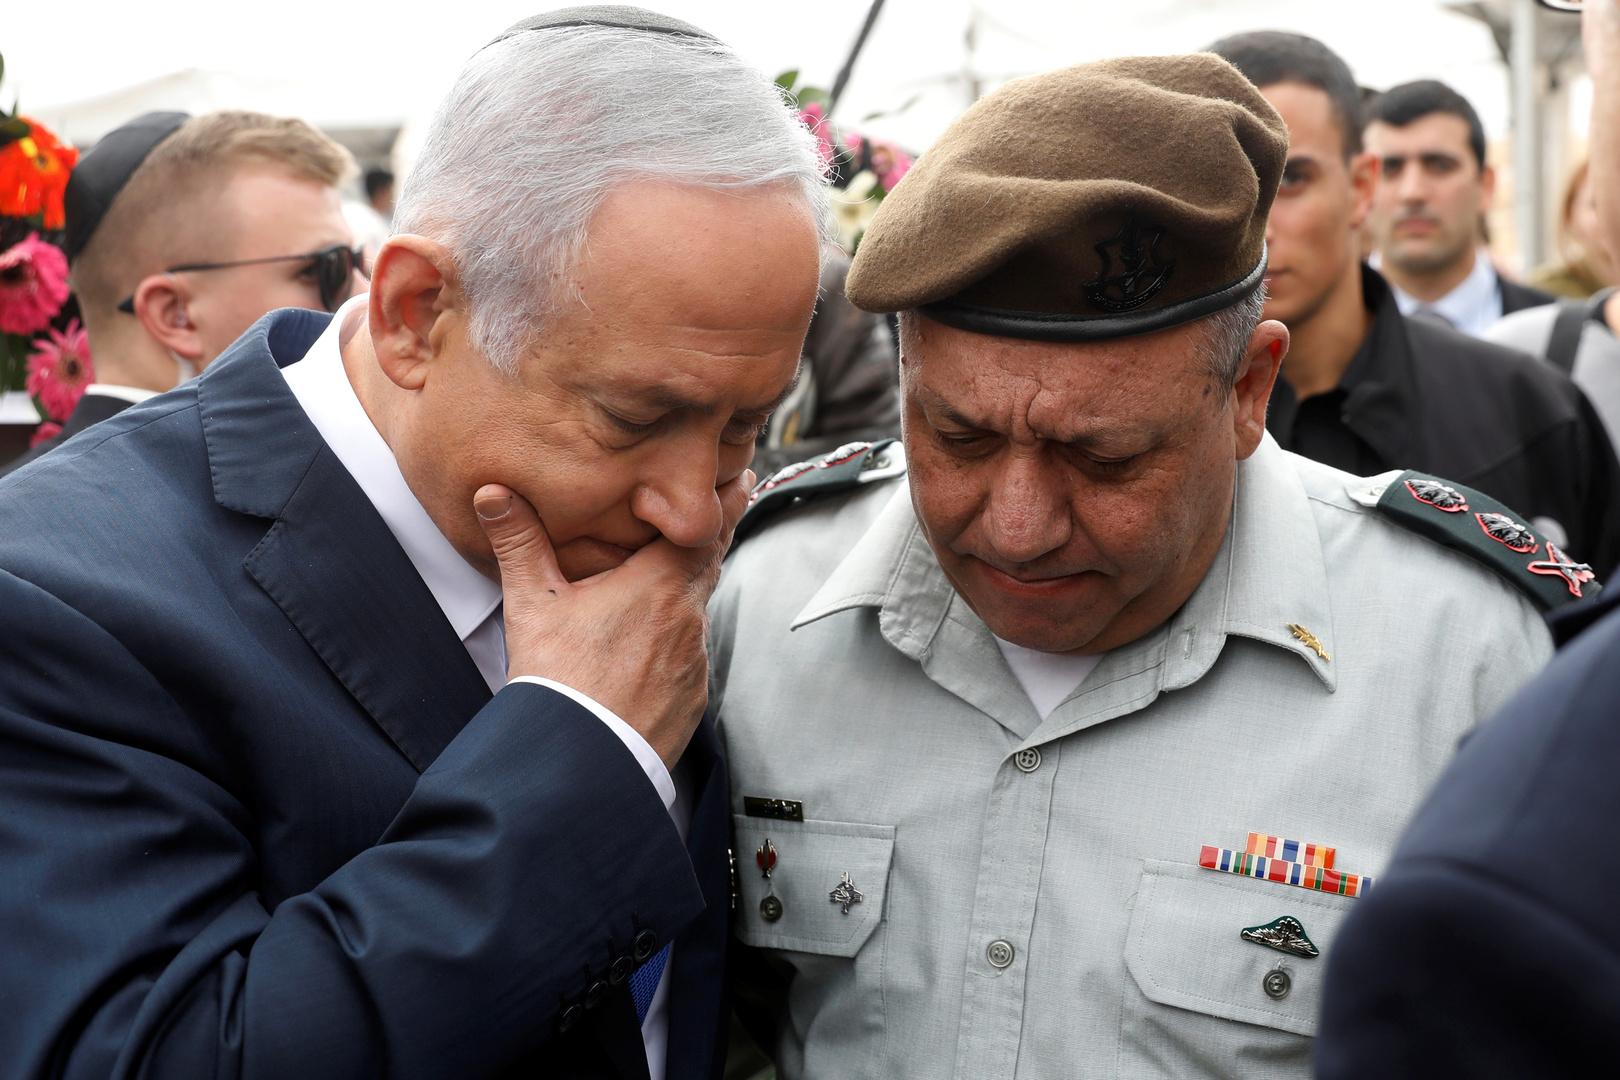 تحذيرات إسرائيلية من سيناريوهات تصعيد محتملة مع إيران